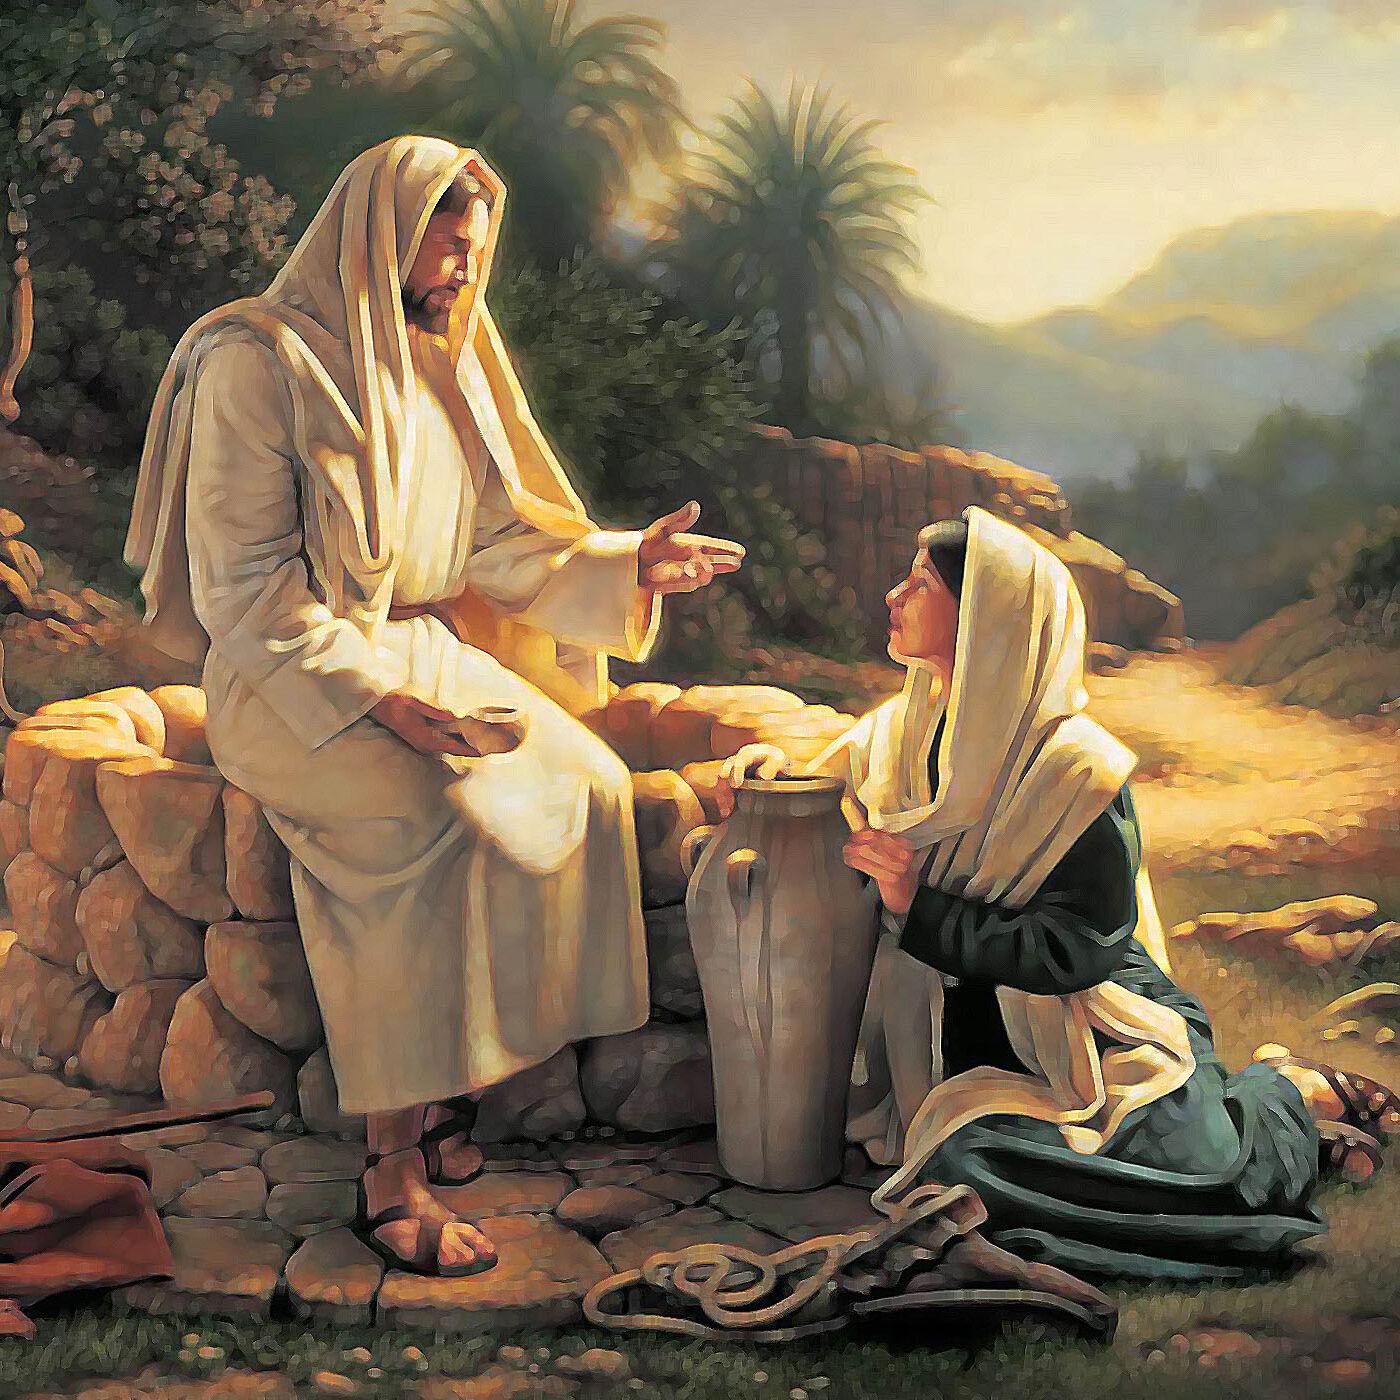 riflessioni sul Vangelo di Venerdì 14 Maggio 2021 (Gv 15, 9-17)